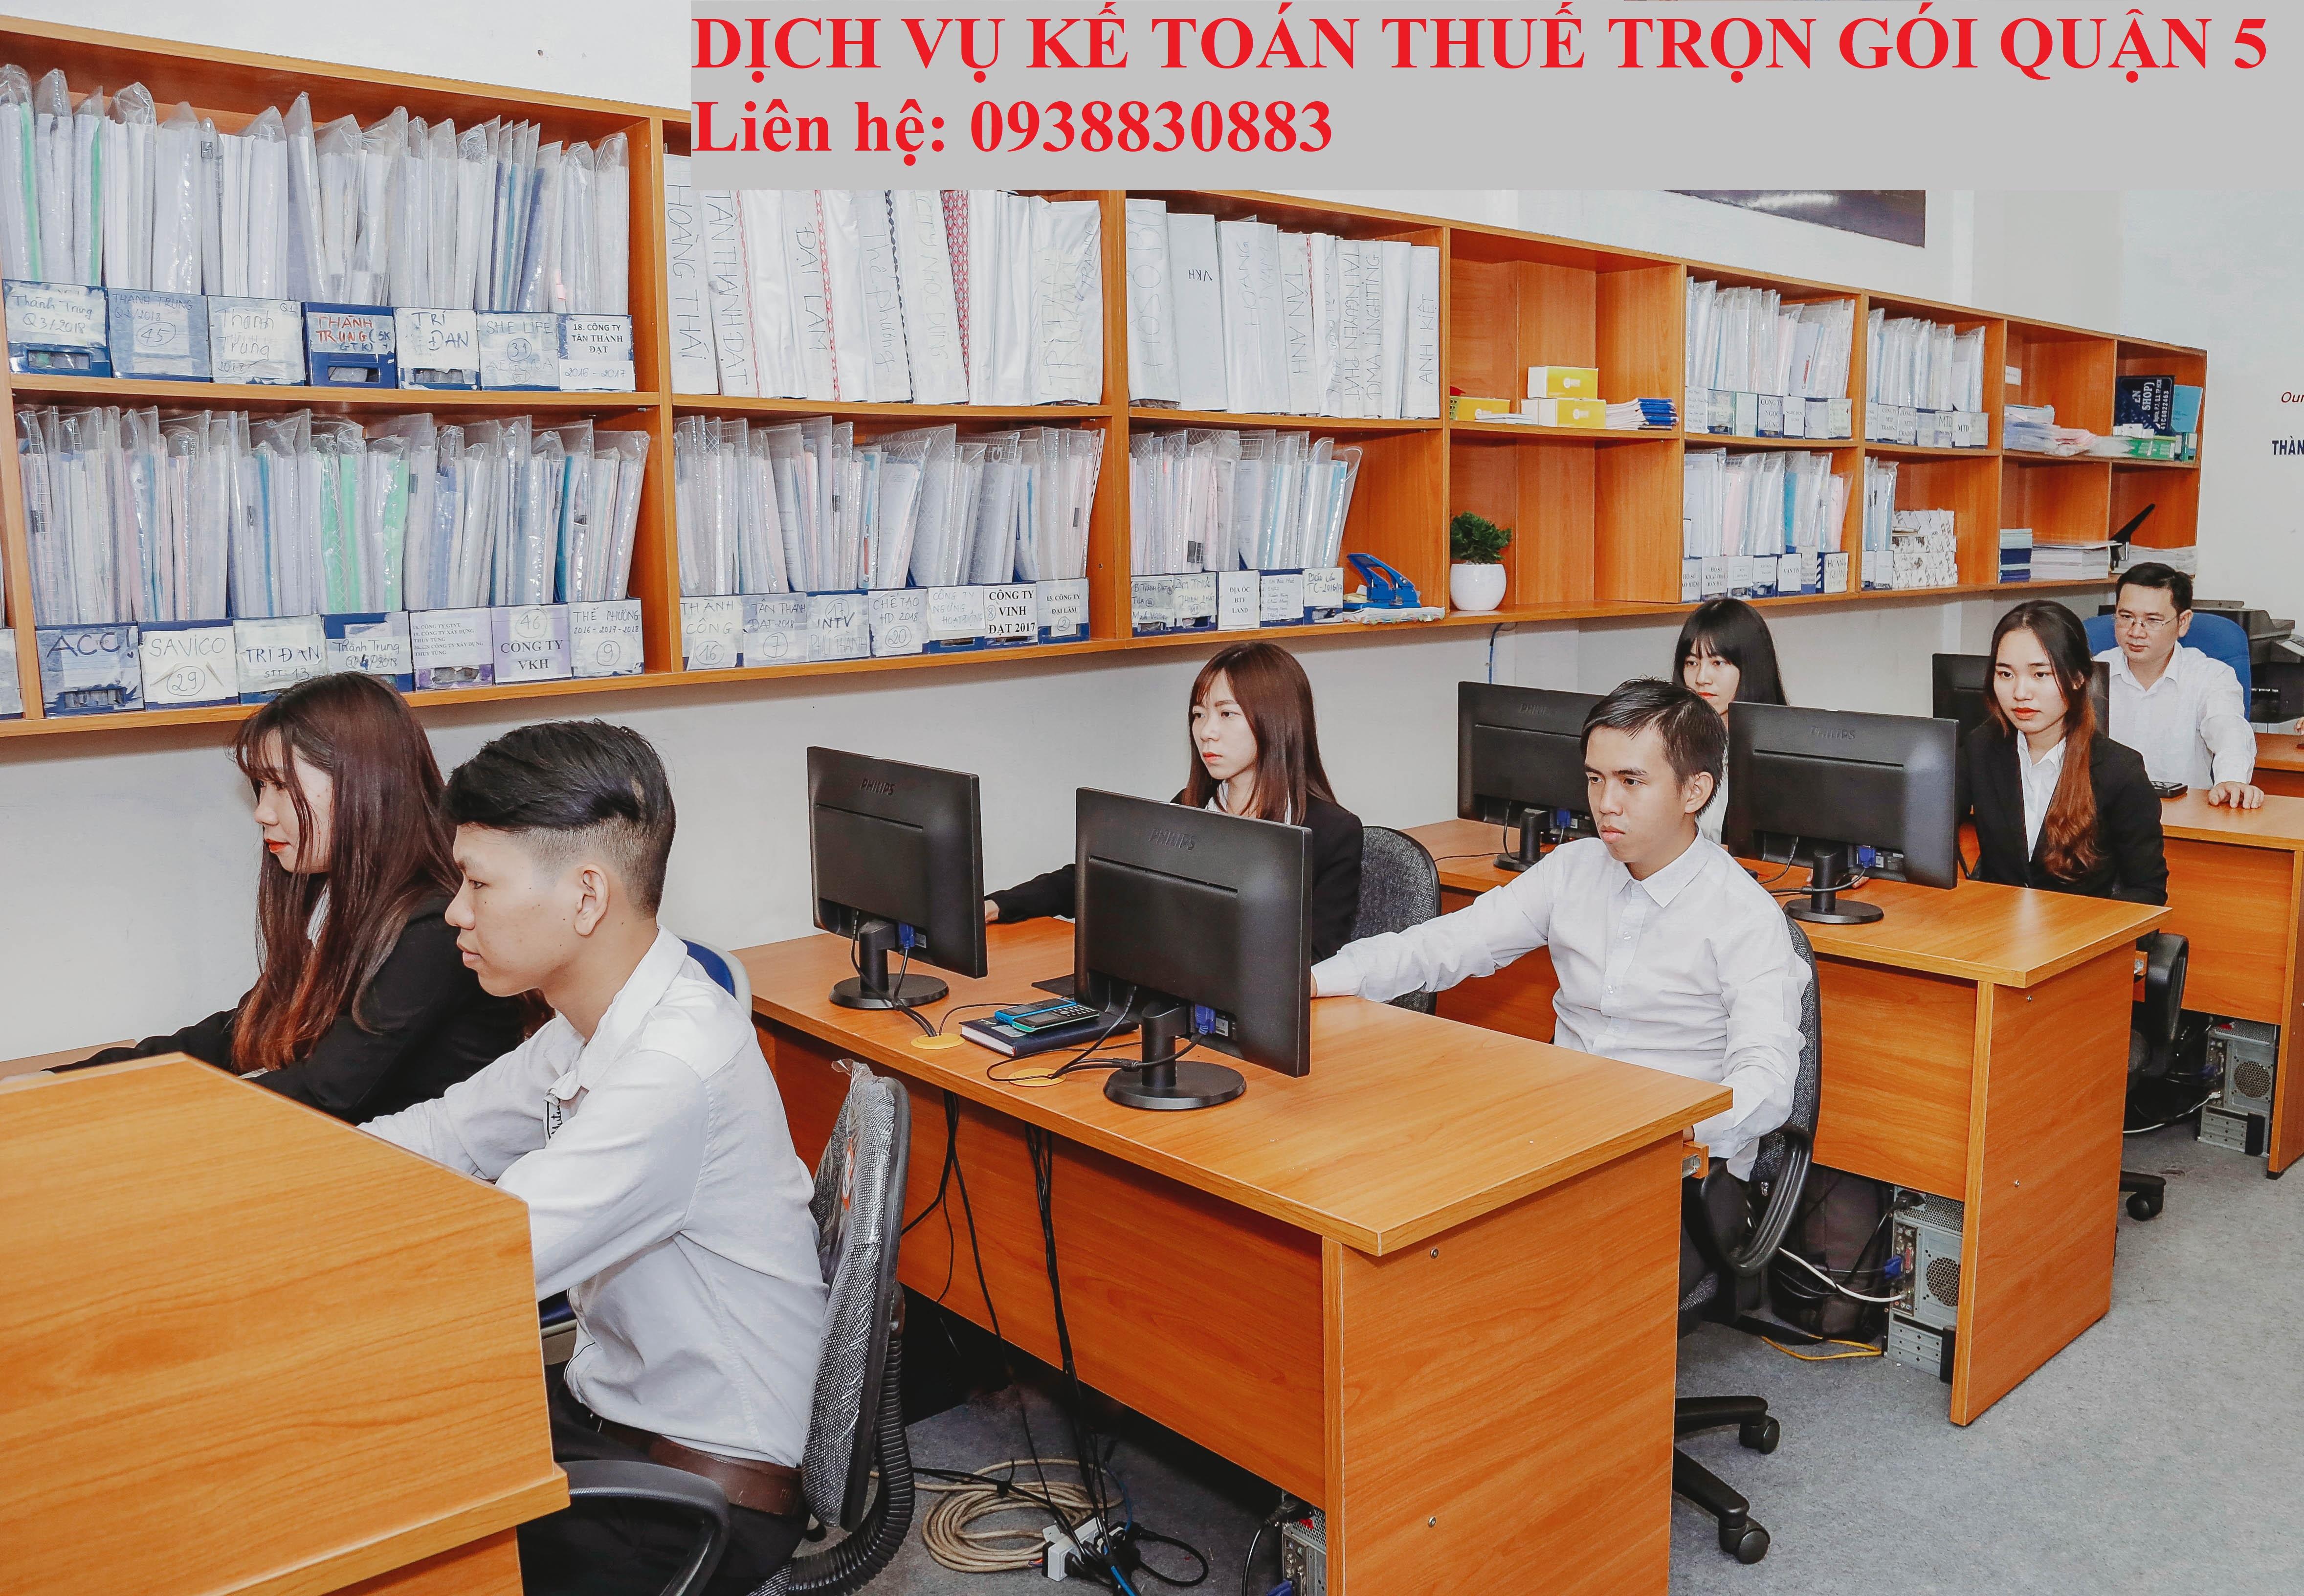 dịch vụ kế toán thuế quận 5